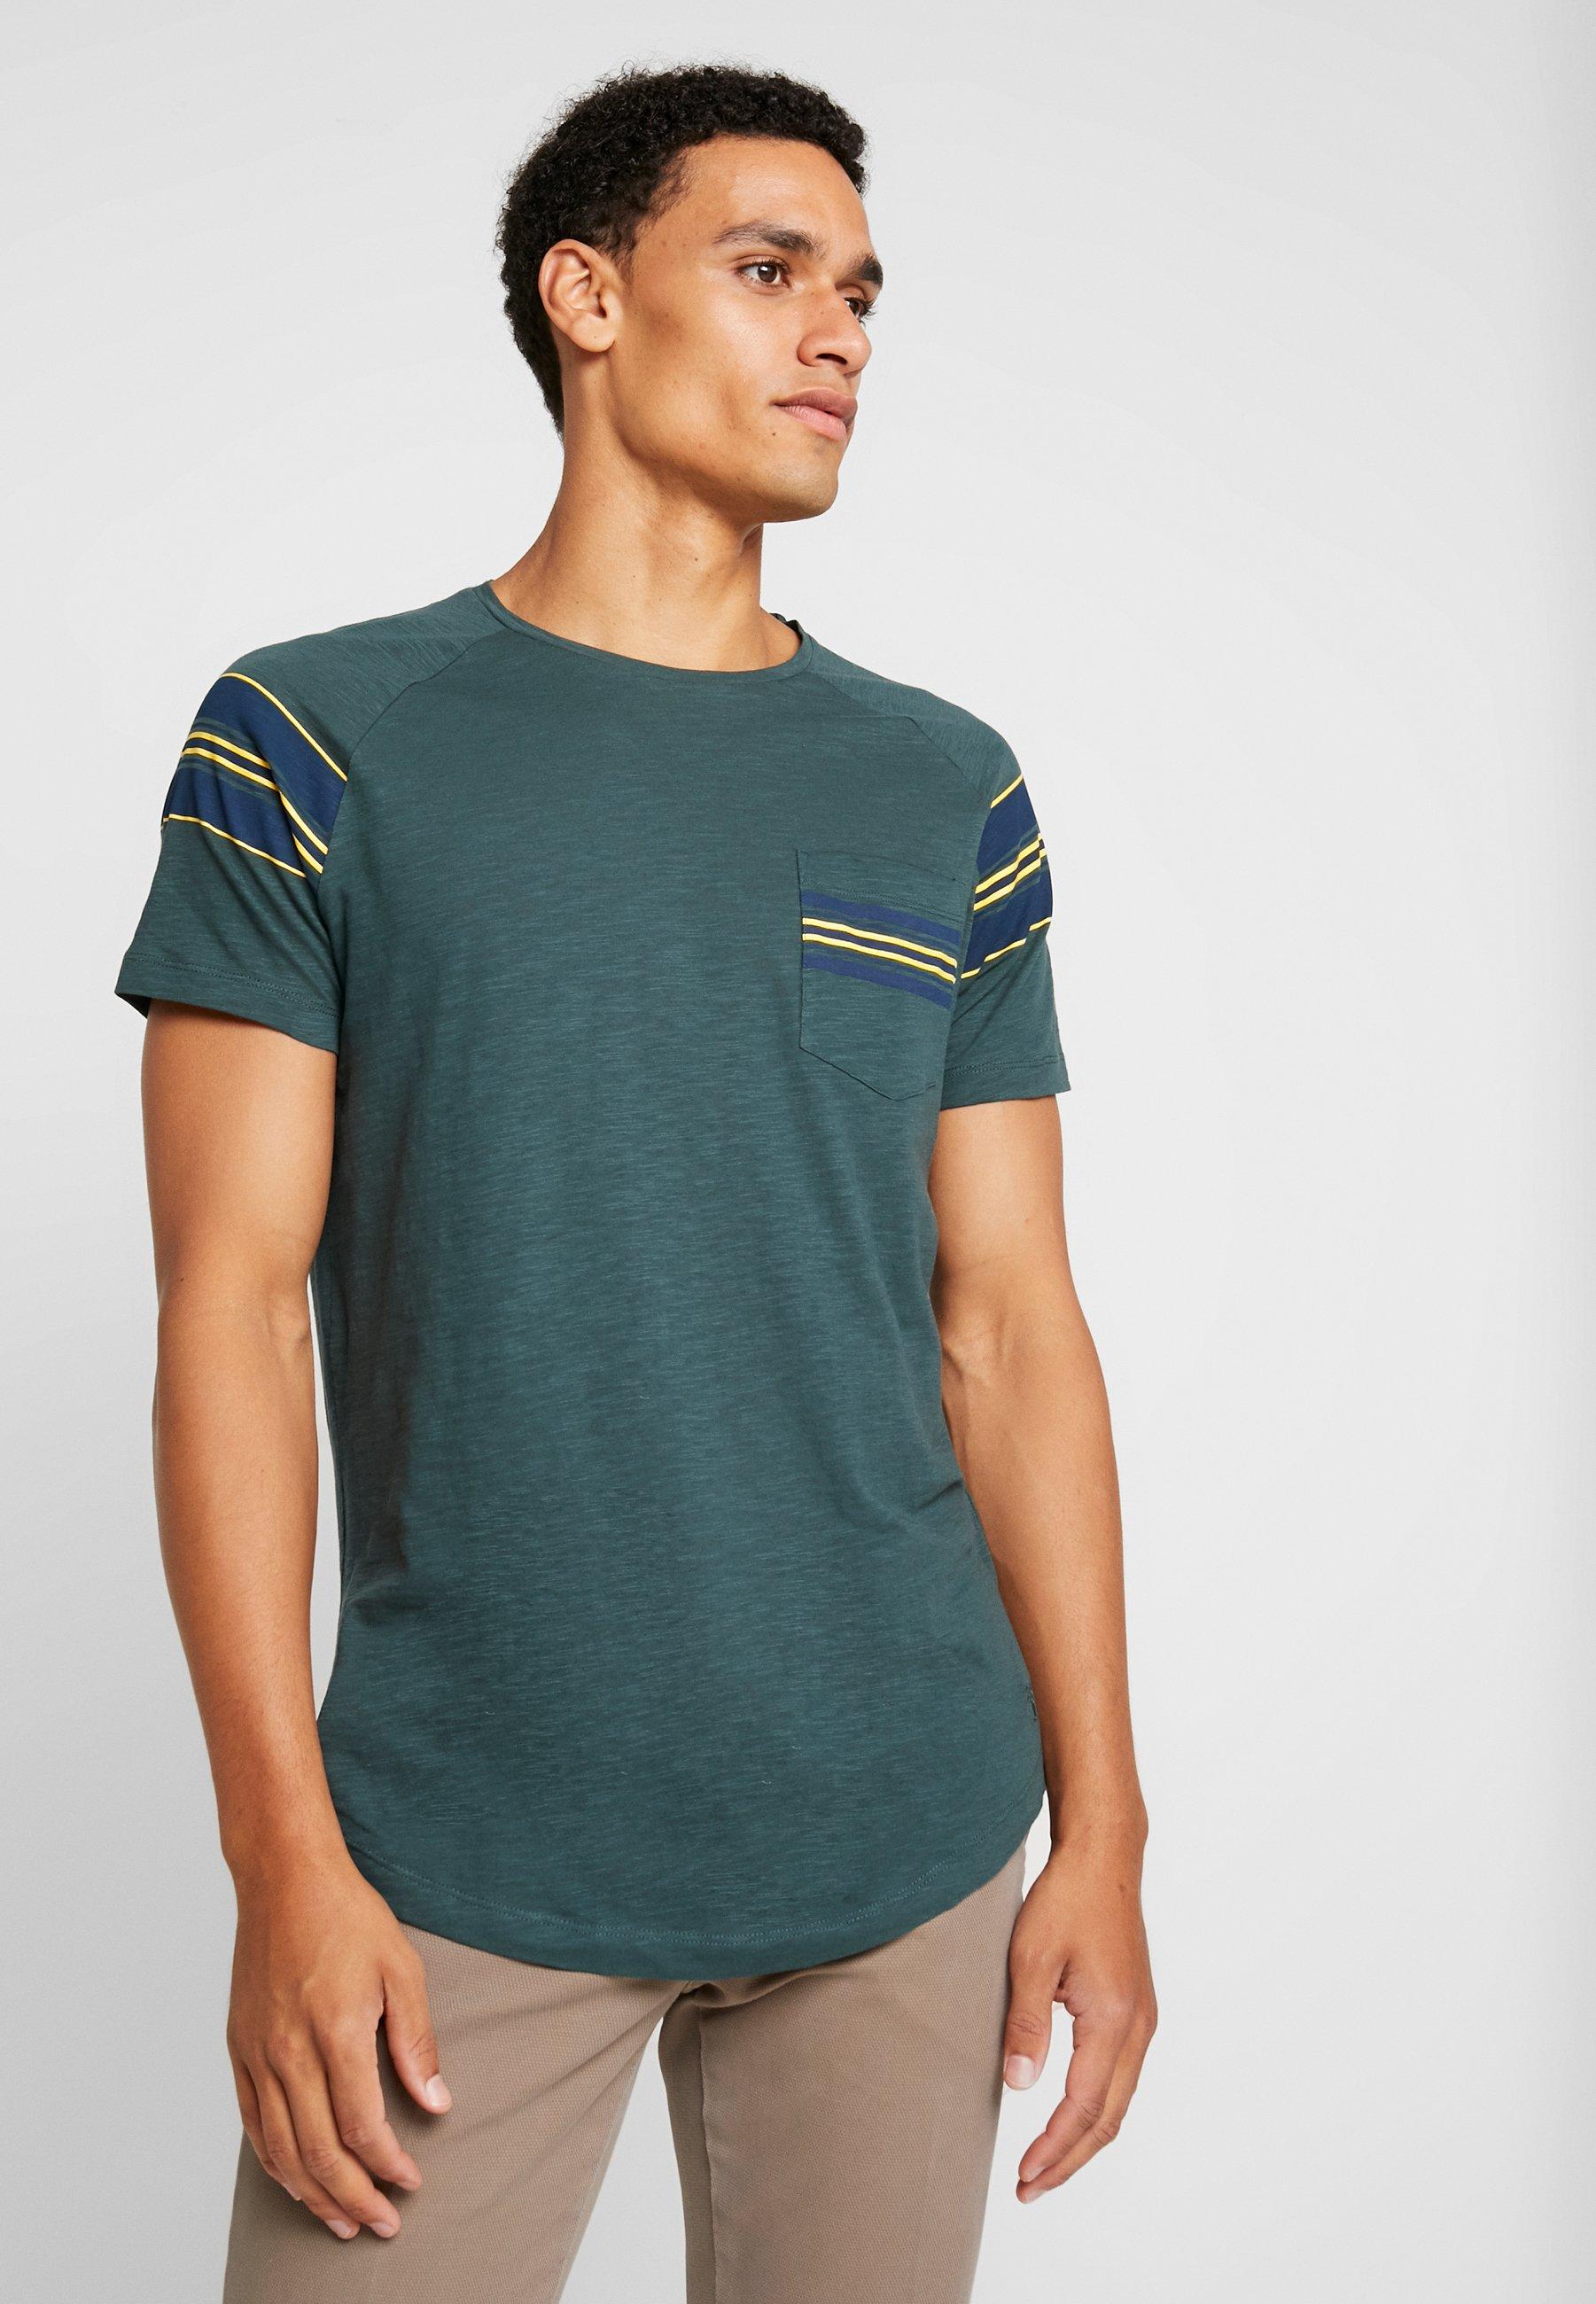 PocketT Dark Denim Imprimé Tom Gable Tailor shirt Raglan Green tshdQrxCB